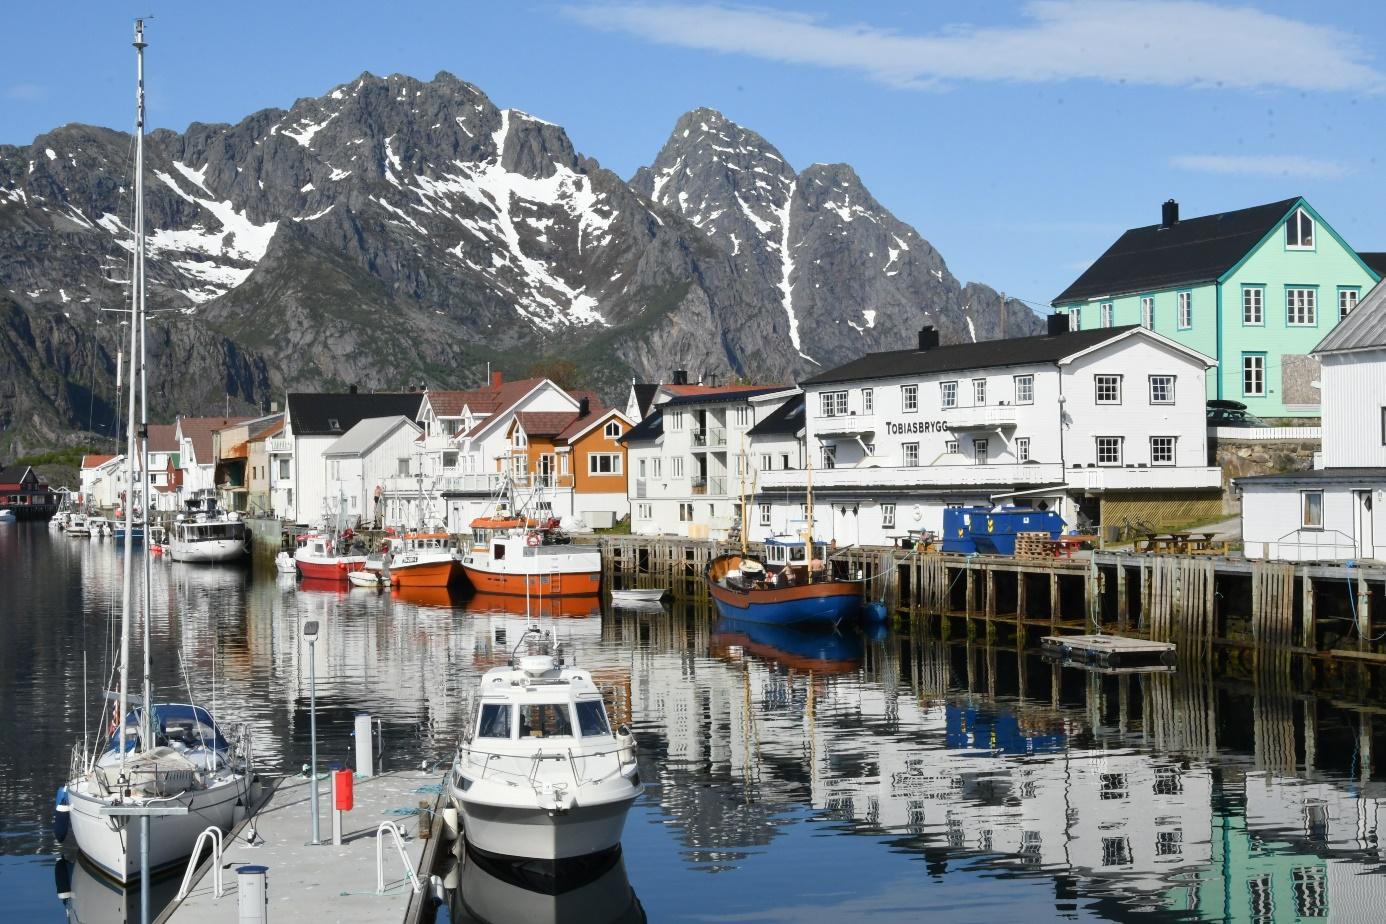 Et bilde som inneholder utendørs, båt, vann, scene  Automatisk generert beskrivelse